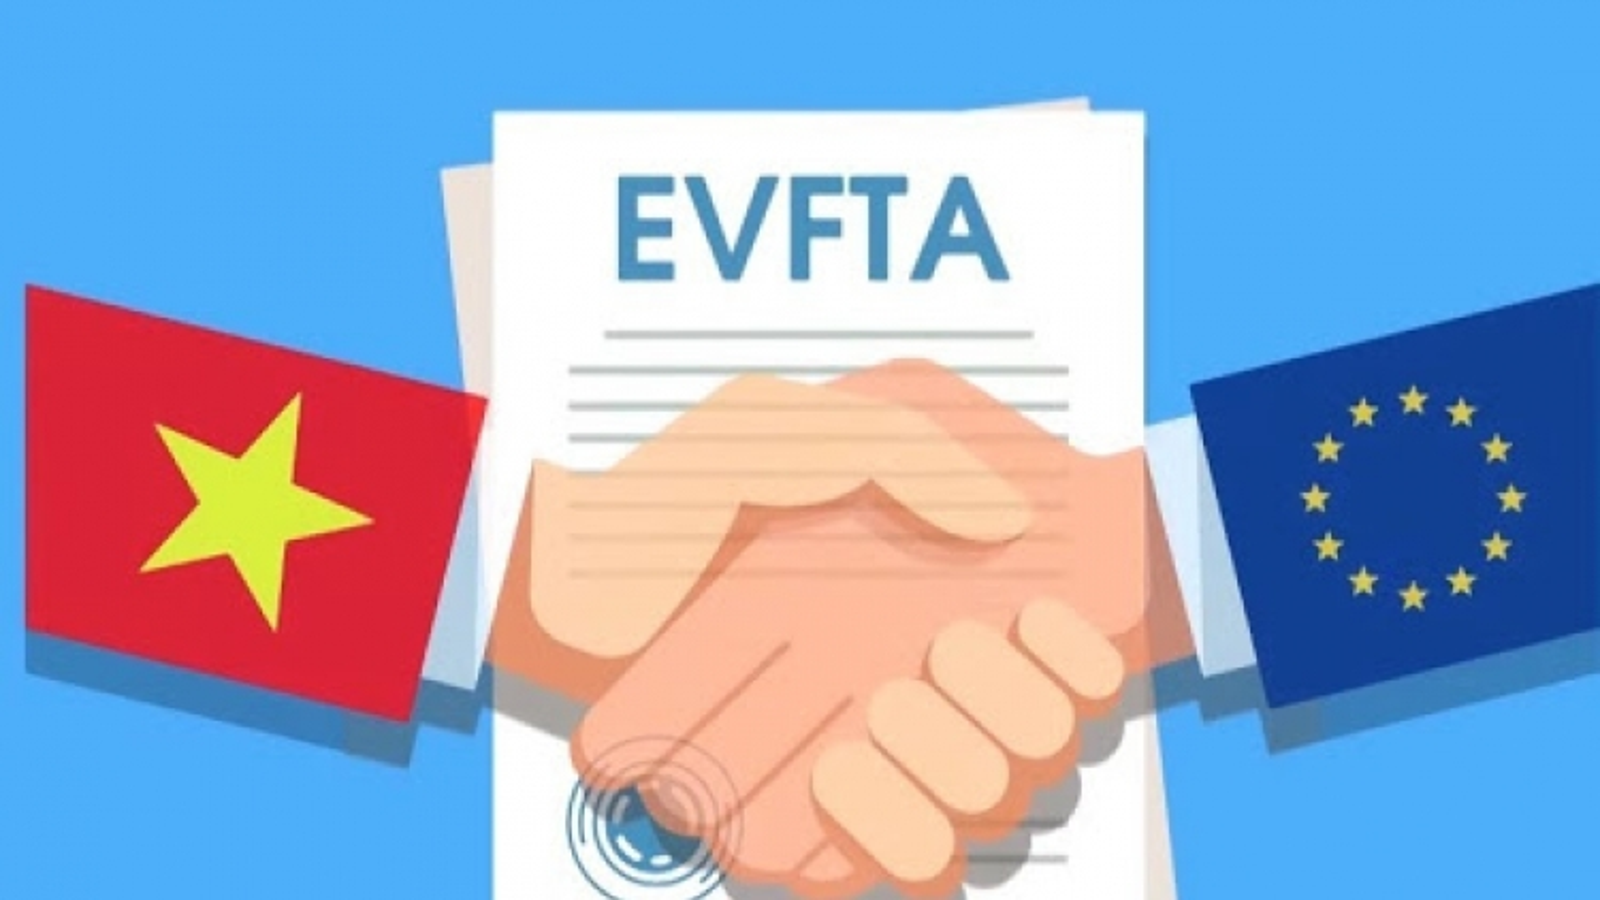 Ngân hàng Nhà nước ban hành Kế hoạch thực hiện Hiệp định EVFTA với 5 nhiệm vụ trọng tâm